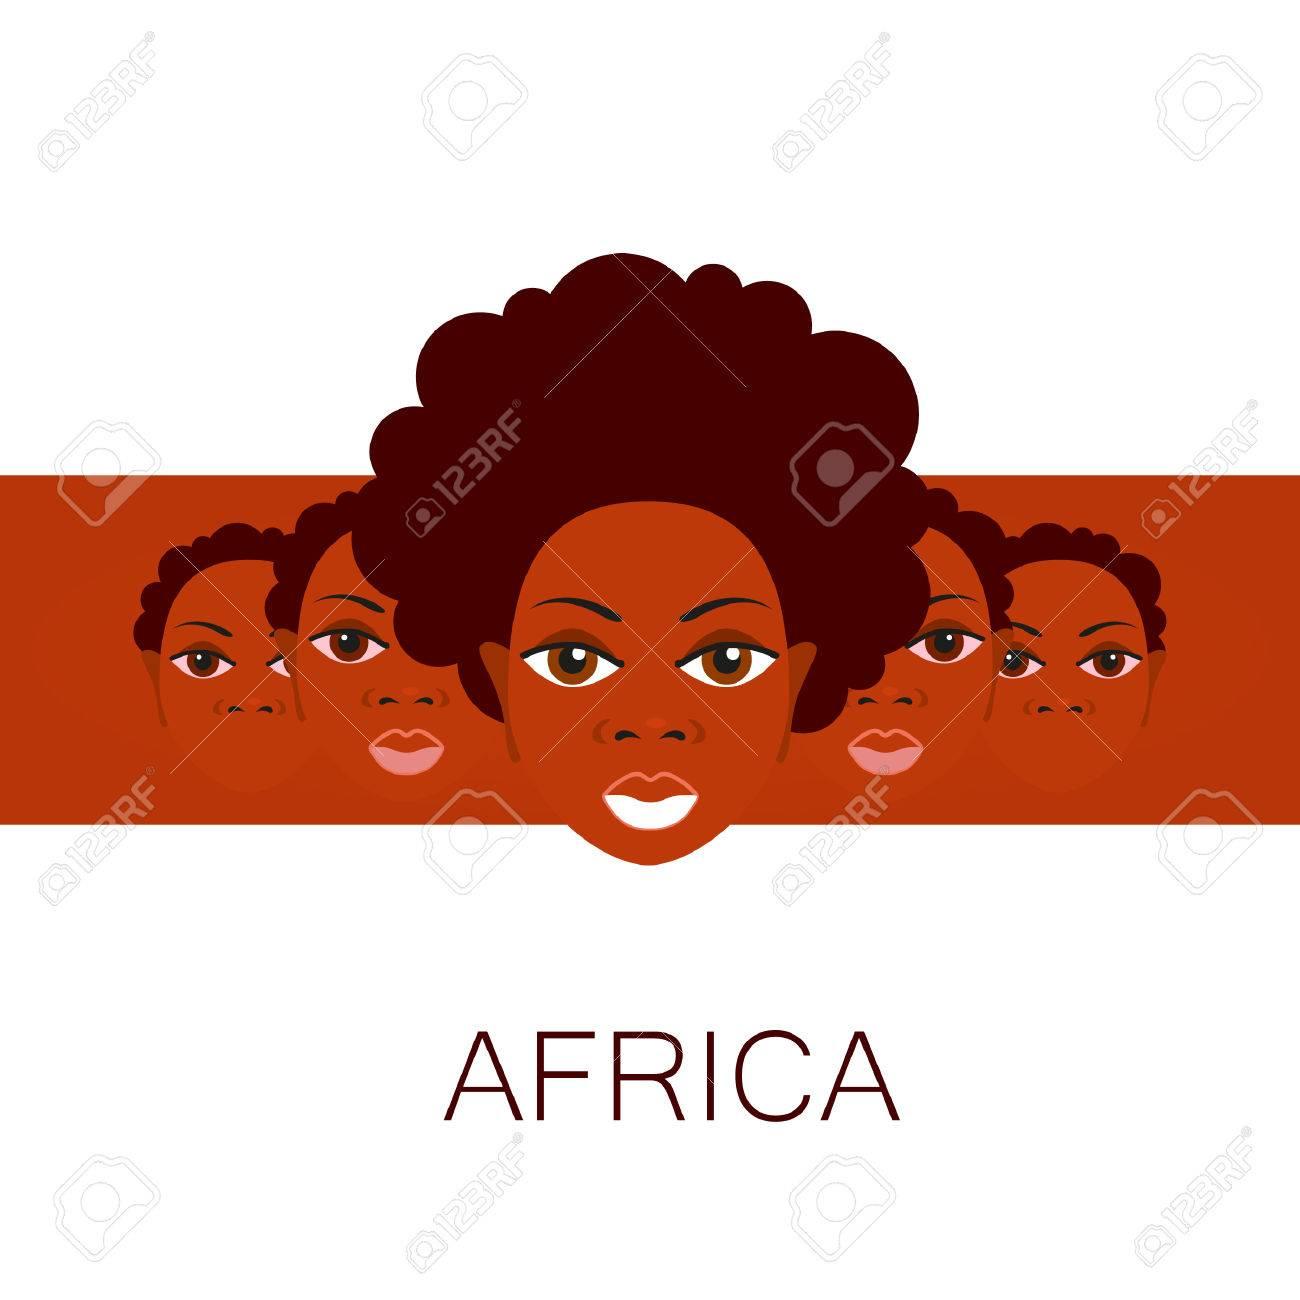 Retrato De Los Africanos. Idea De Diseño De Plantilla Para Las ...